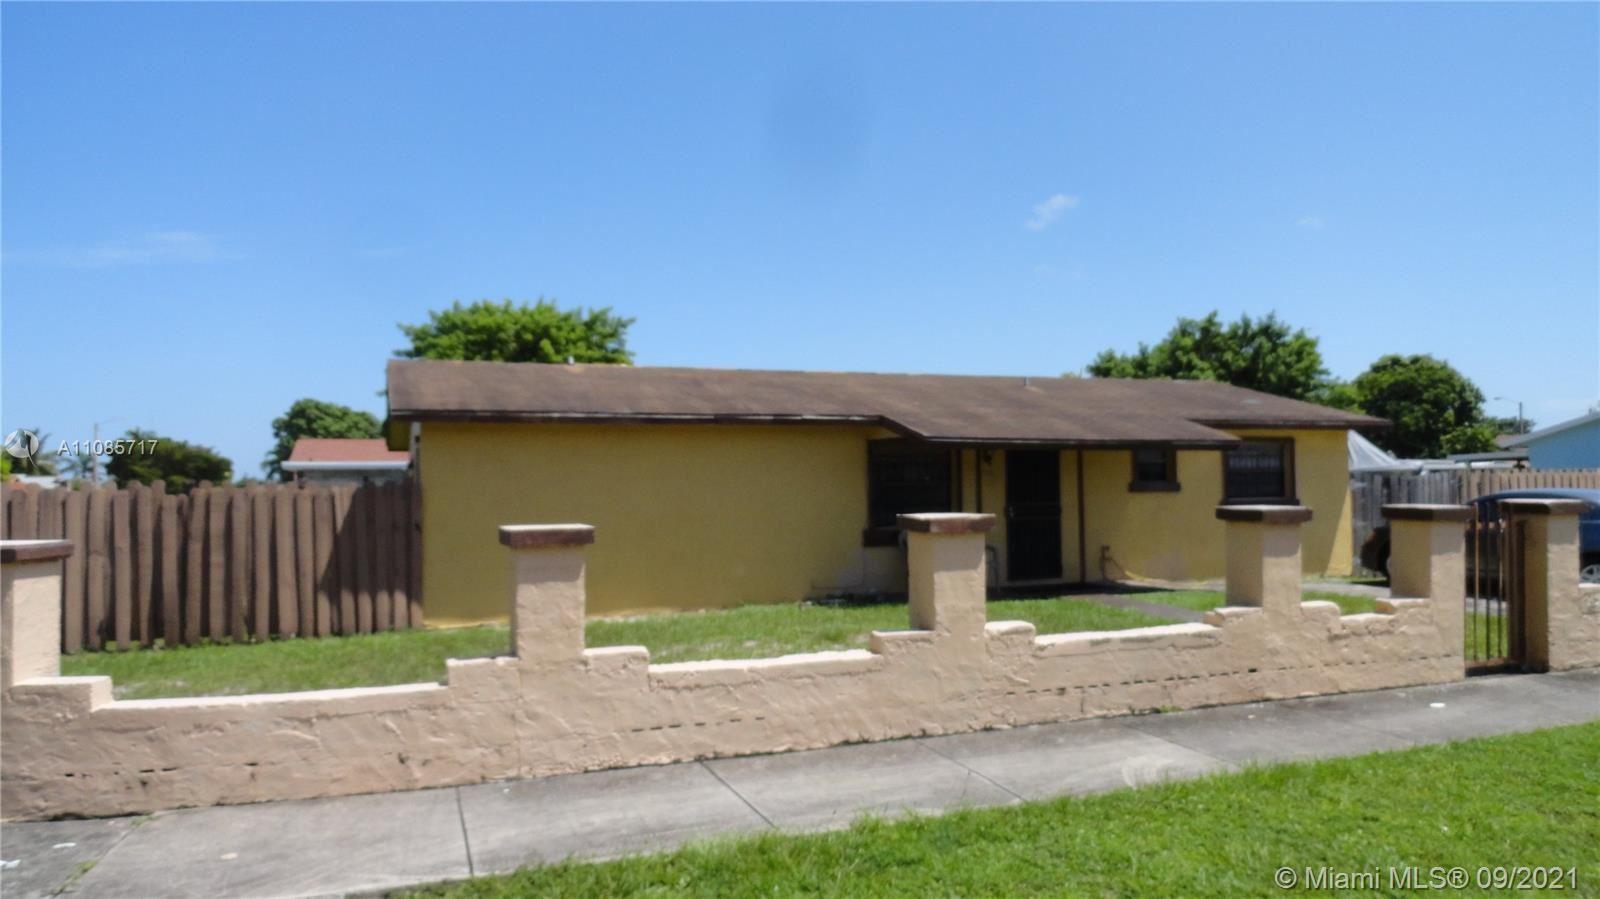 19291 NW 34th Ave, Miami Gardens, FL 33056 - #: A11085717